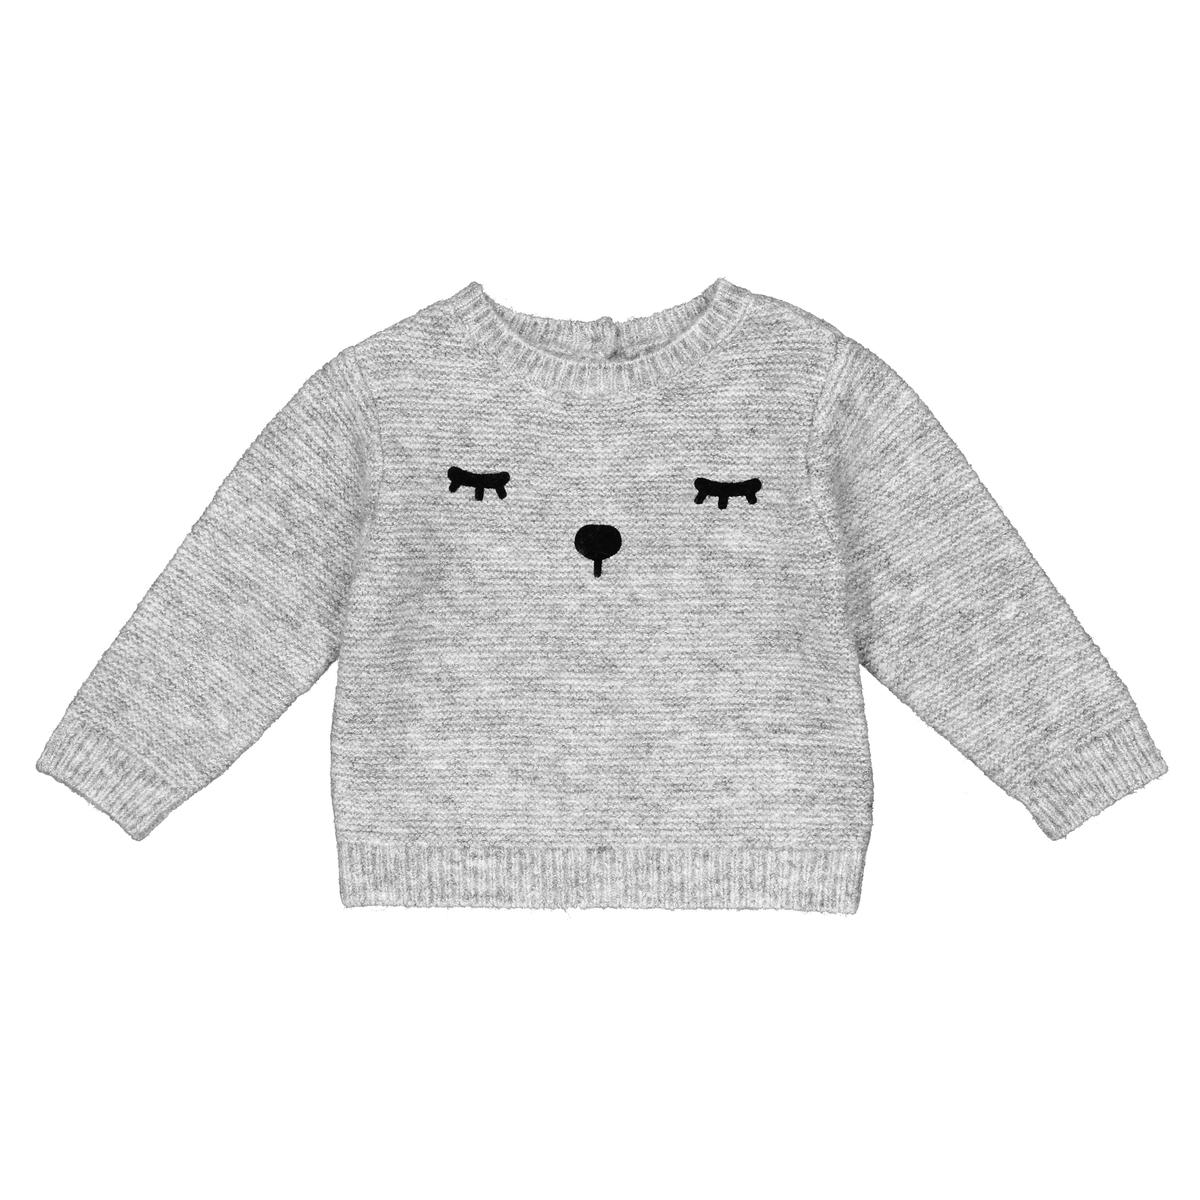 Пуловер La Redoute С круглым вырезом из трикотажа с принтом мес 3 года - 94 см серый футболка la redoute с круглым вырезом и принтом спереди 3 года 94 см серый